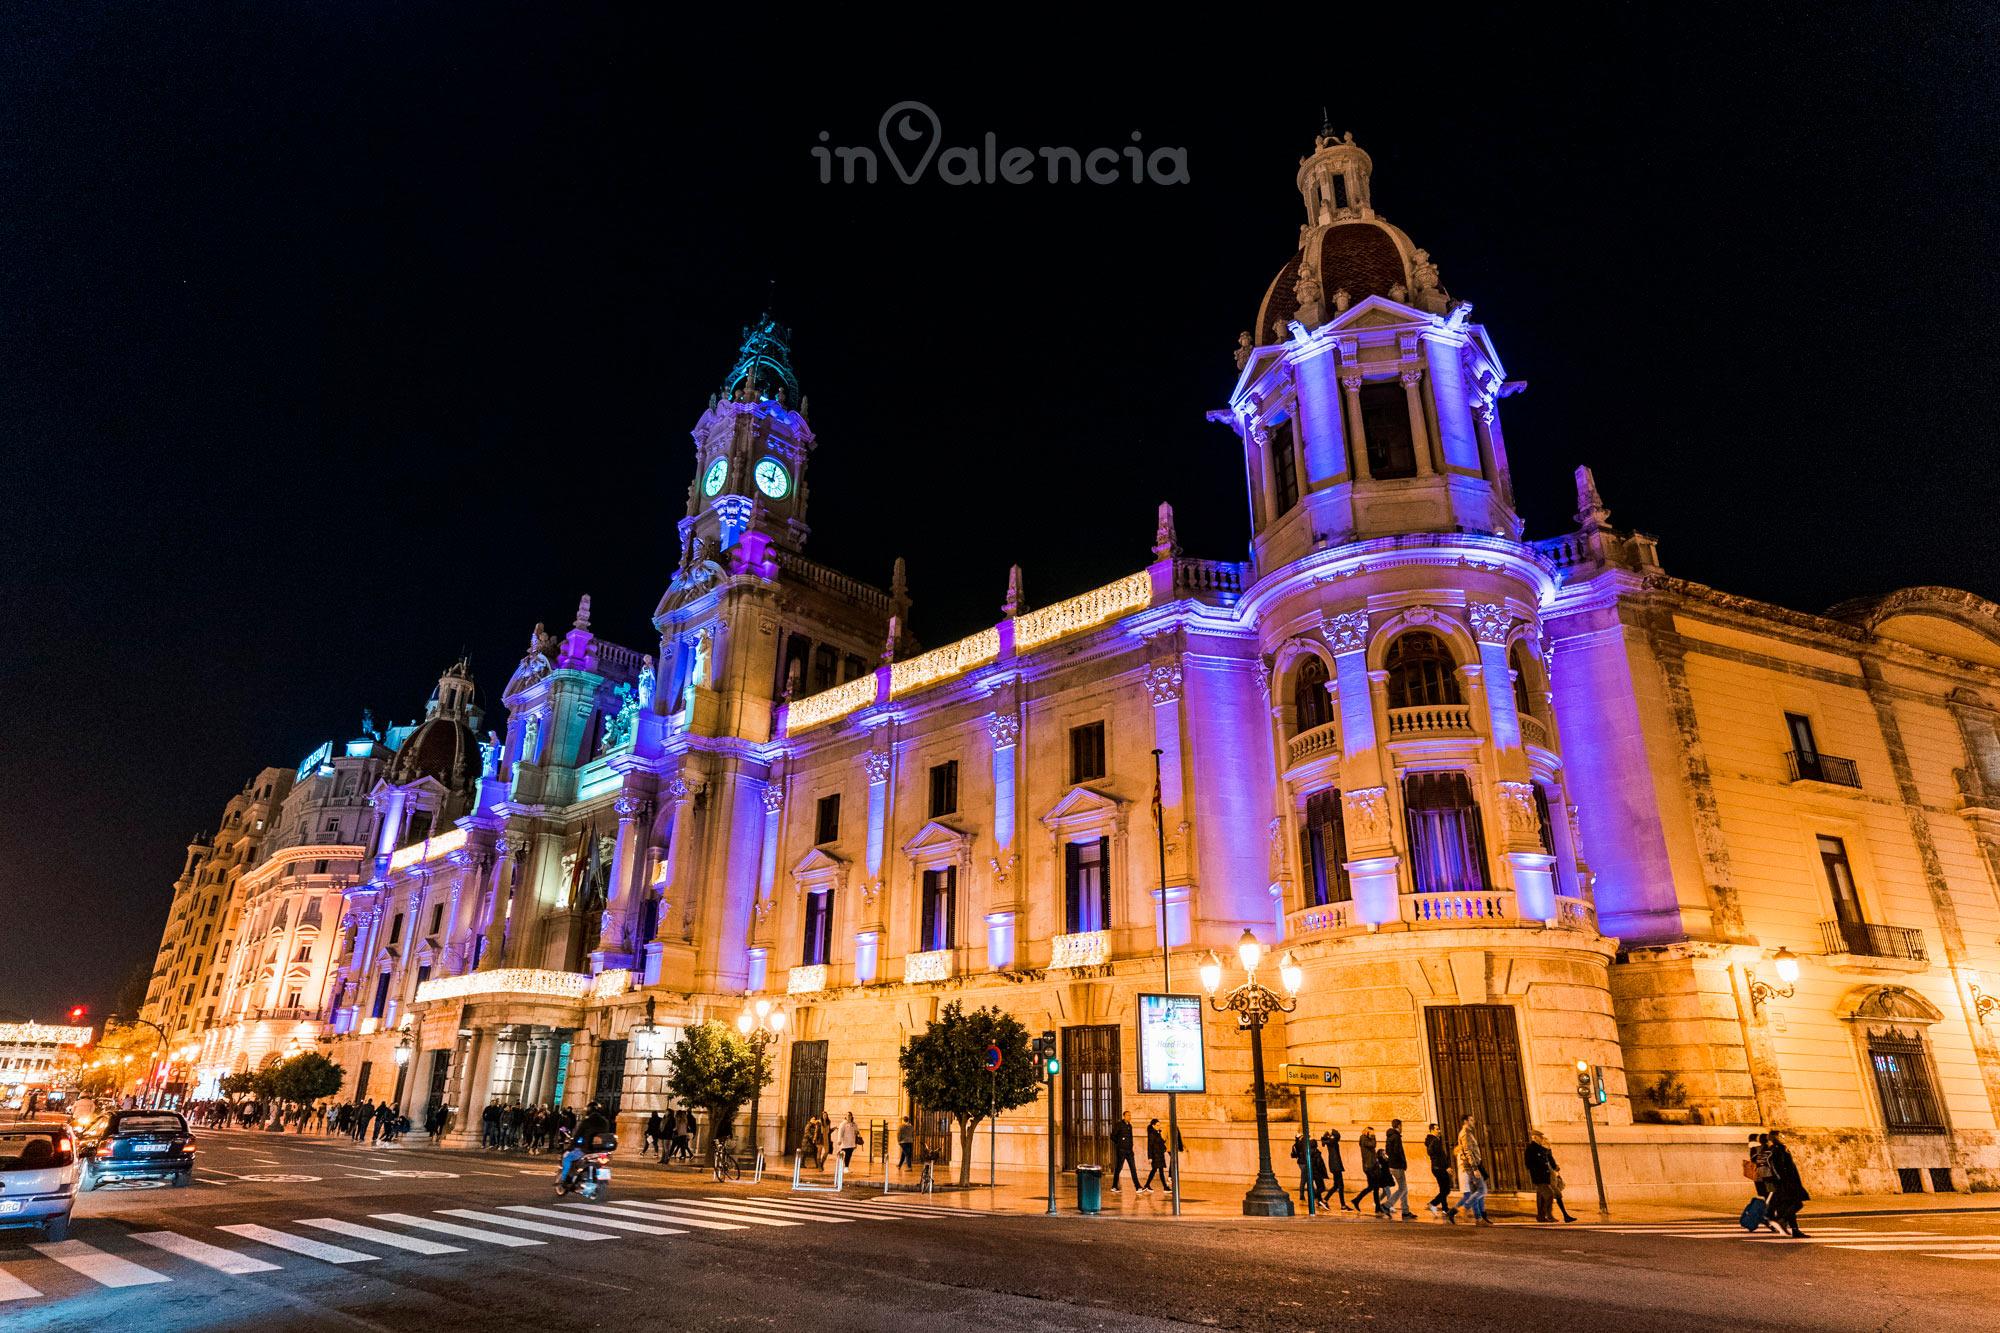 Evento de nochevieja en el Ayuntamiento de Valencia